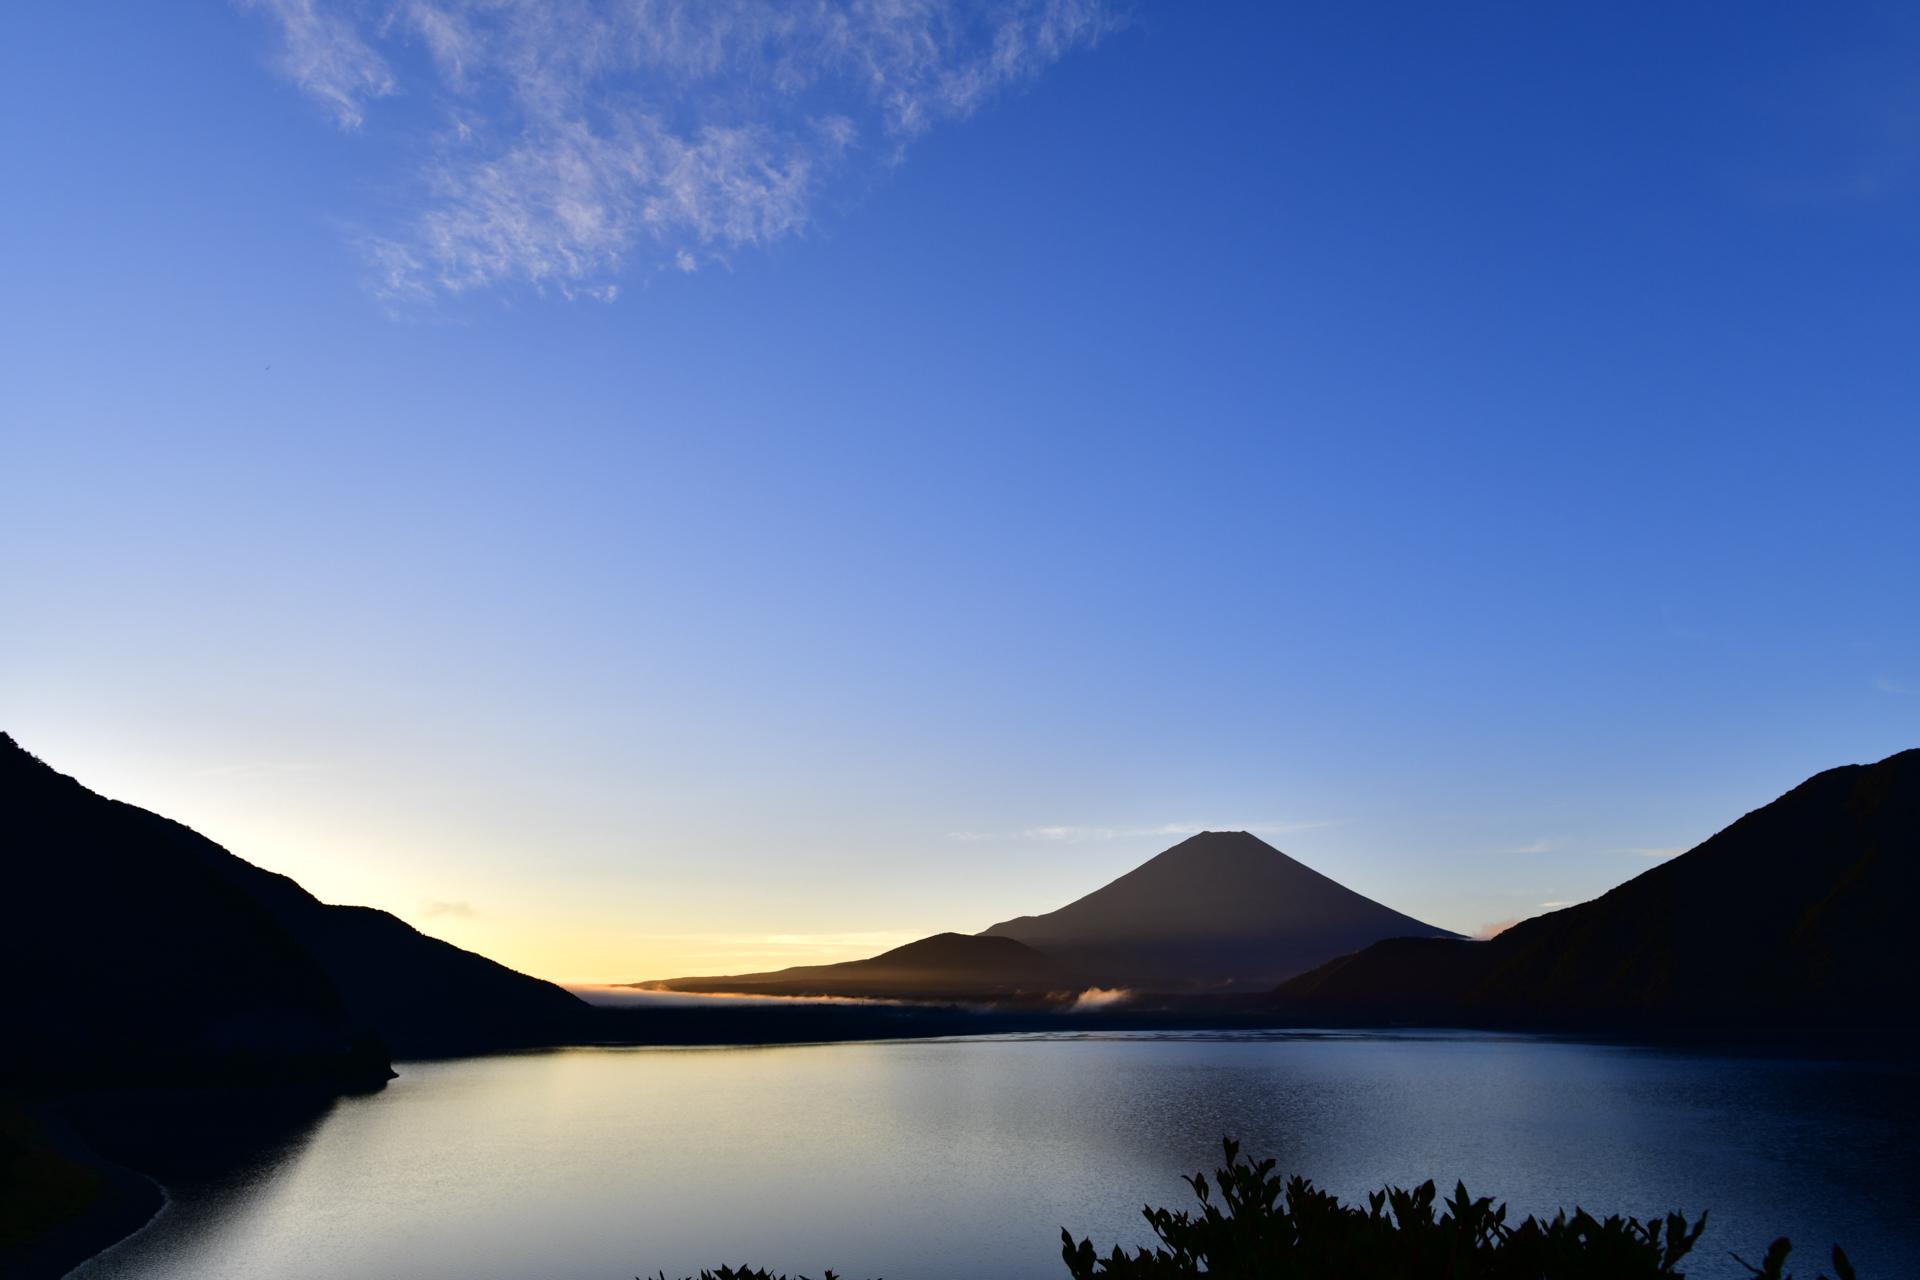 本栖湖 富士山 Nikon D850+AF-S NIKKOR 20mm f/1.8G ED